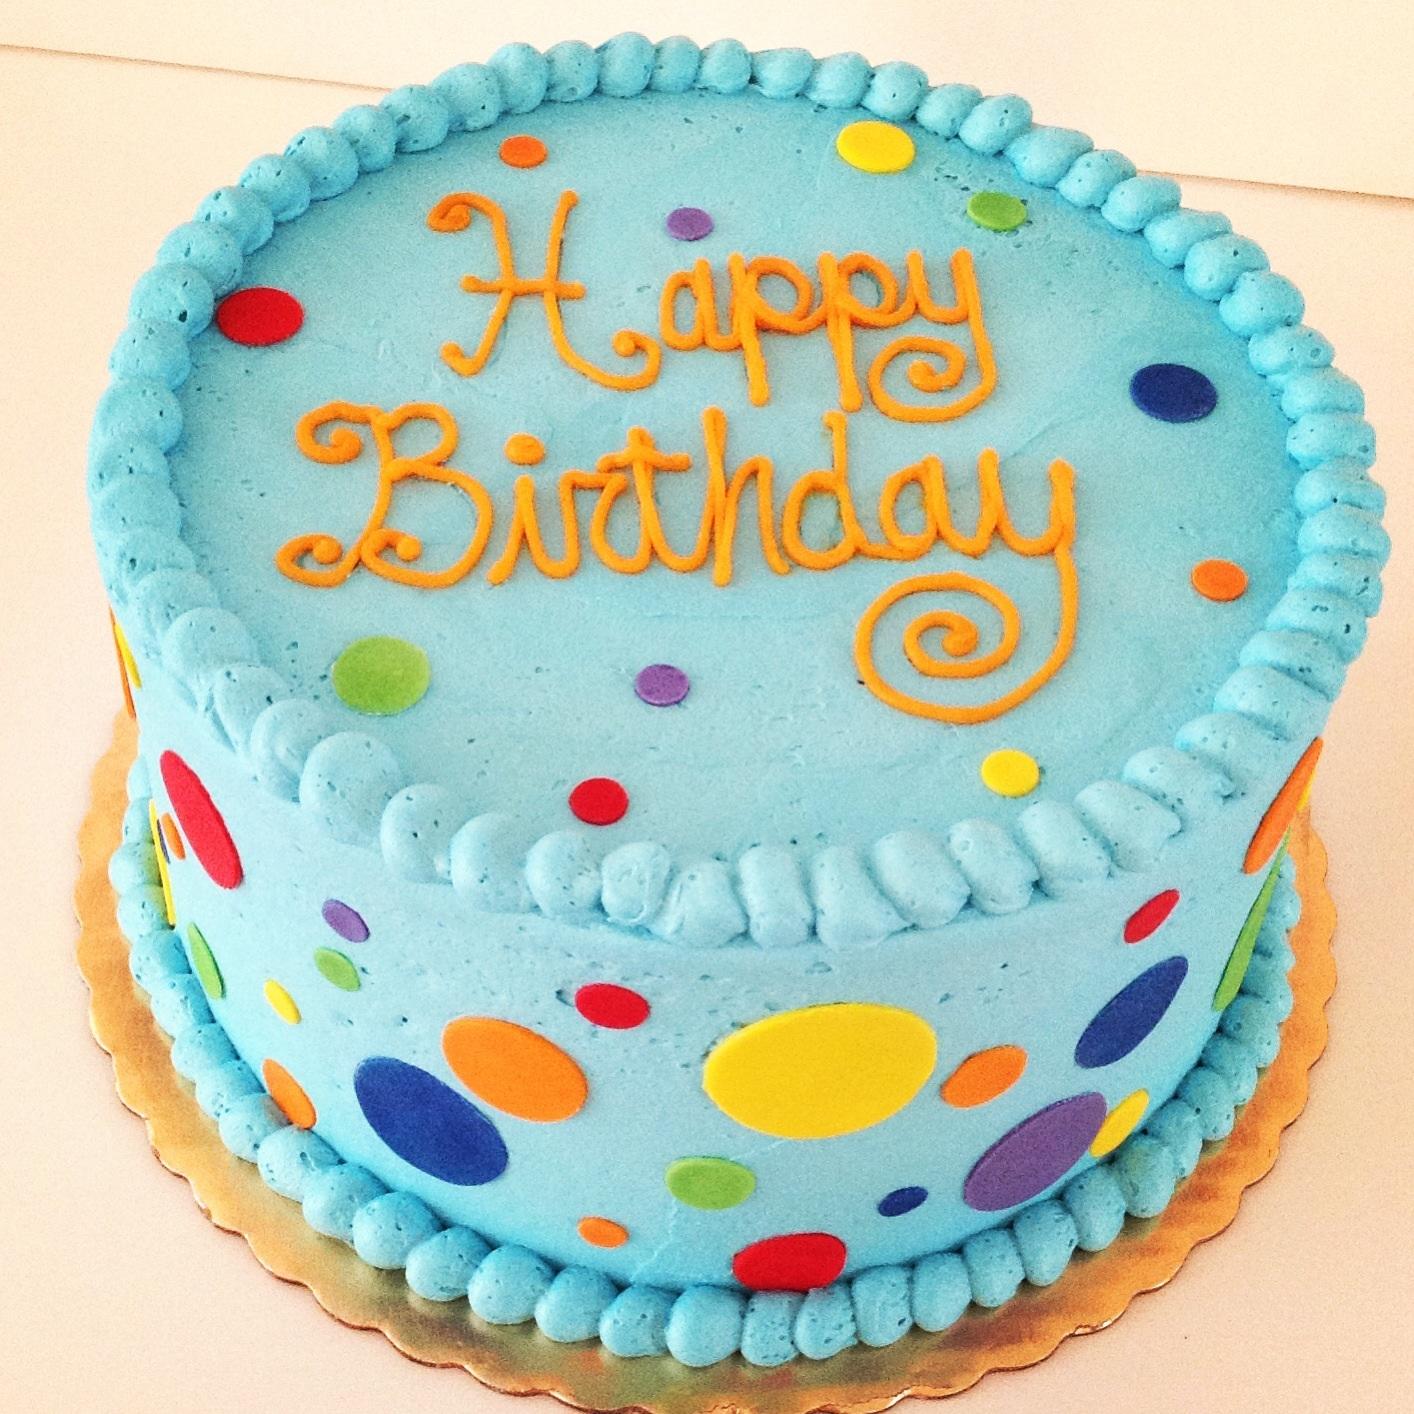 13 Polka Dot Birthday Cakes Photo - Polka Dot Birthday Cake, Polka ...